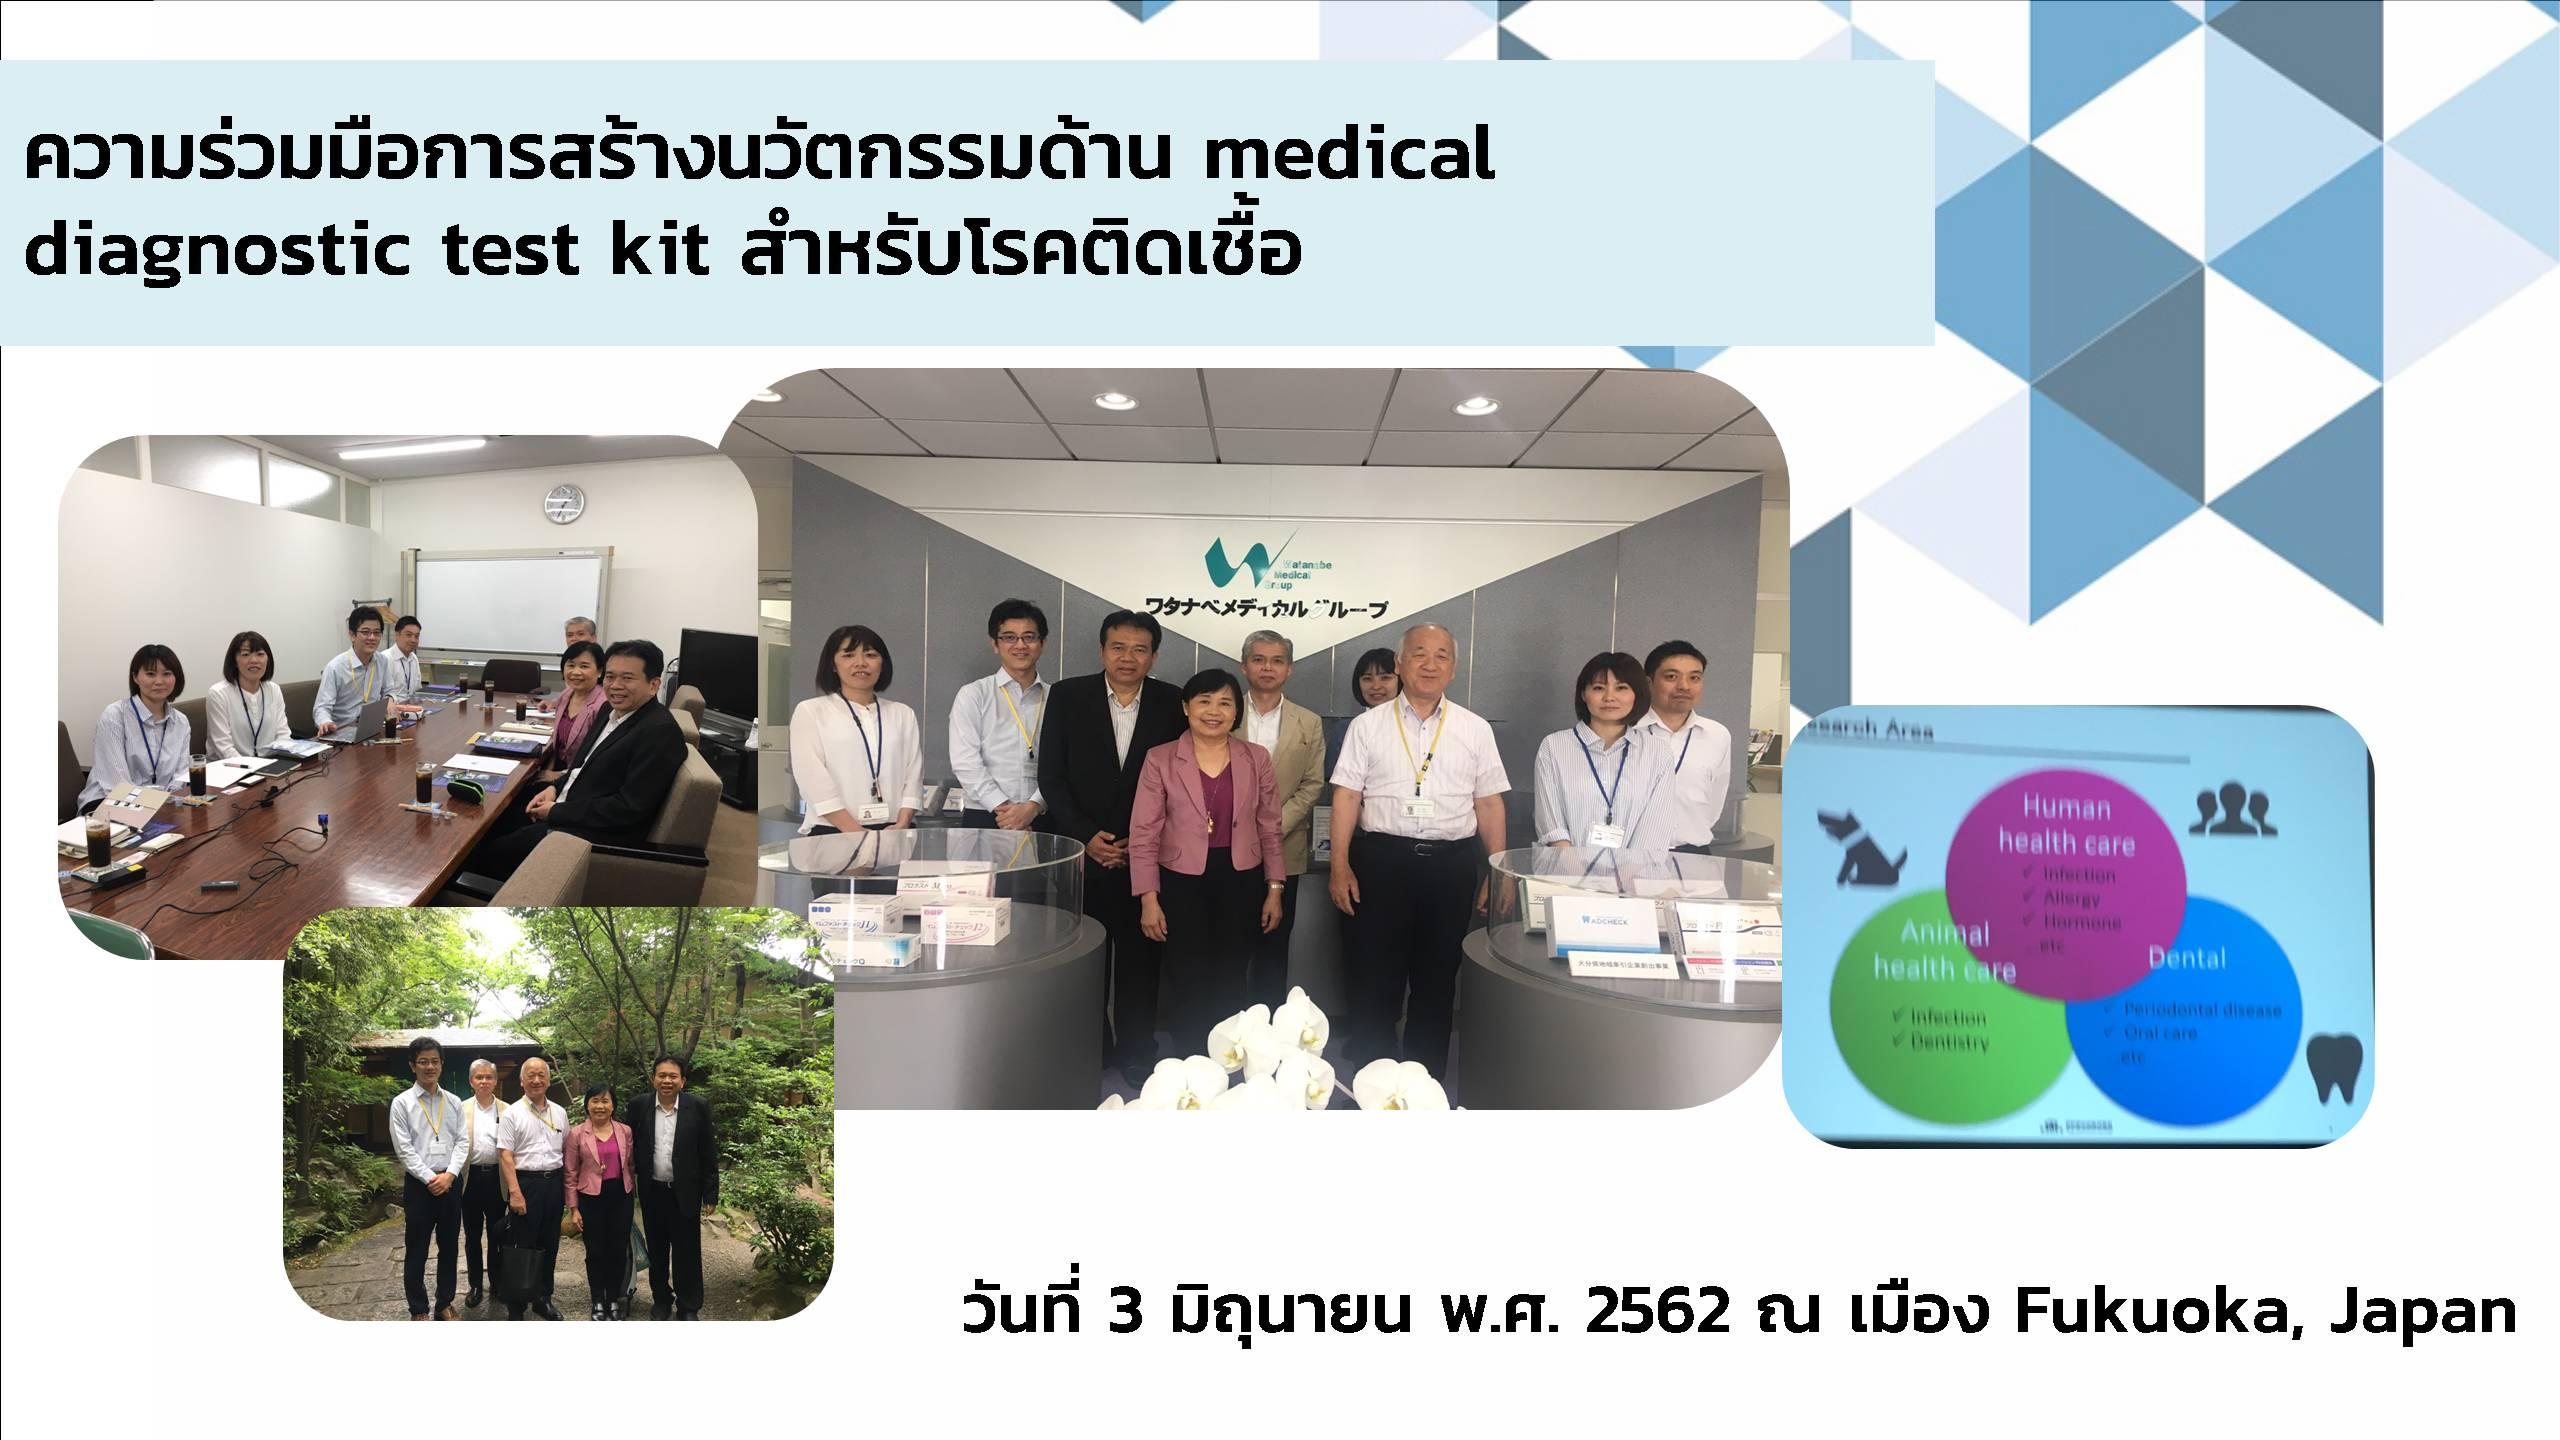 ความร่วมมือการสร้างนวัตกรรมด้าน medical diagnostic test kit สำหรับโรคติดเชื้อ